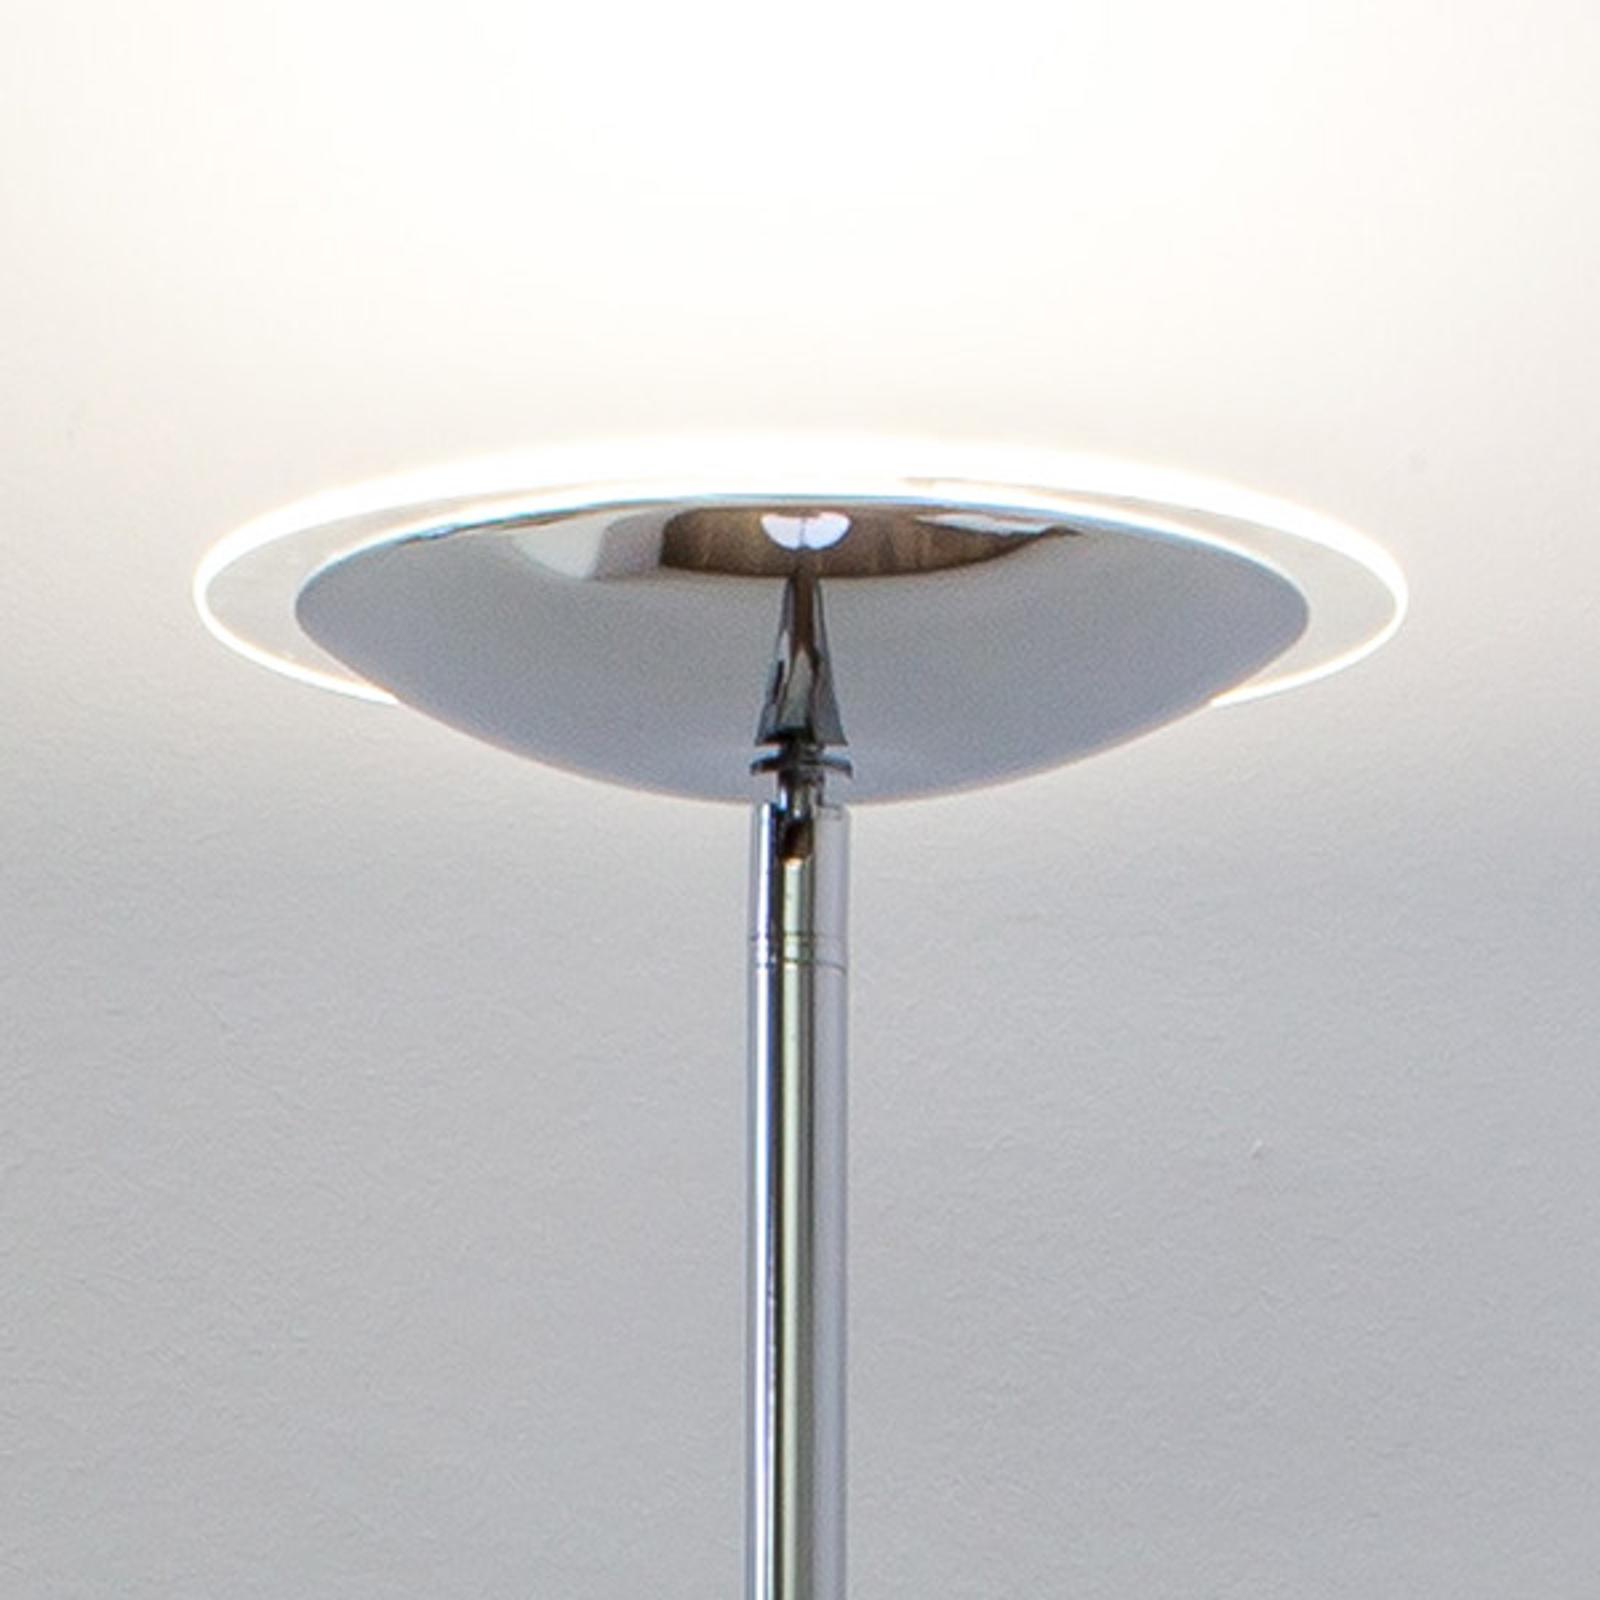 Lampada da terra LED Malea cromo lucido